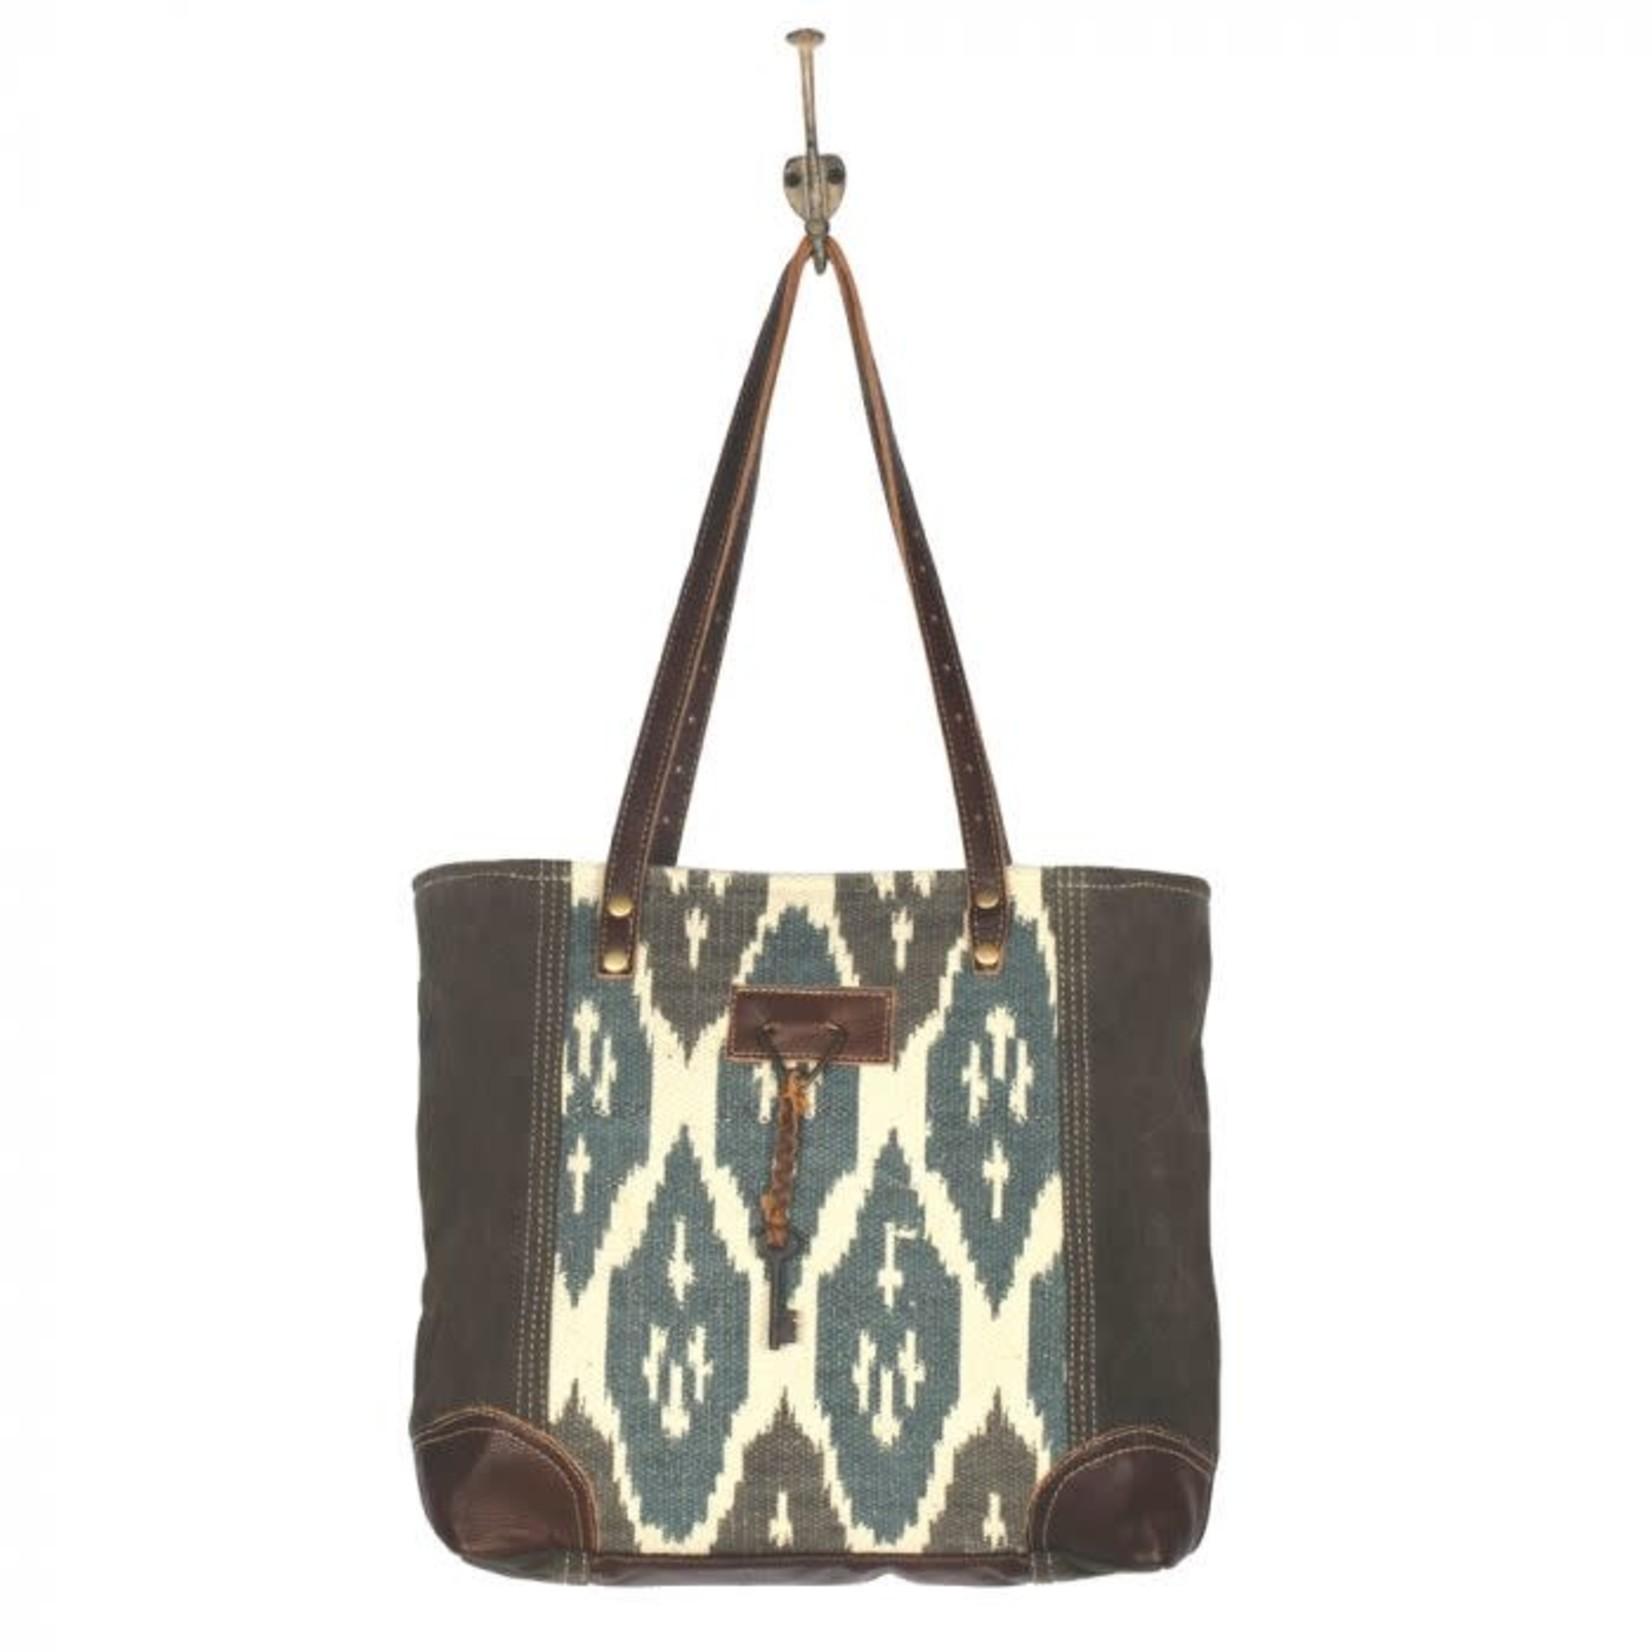 Myra Bag Bag: Knotty Affair Tote Bag